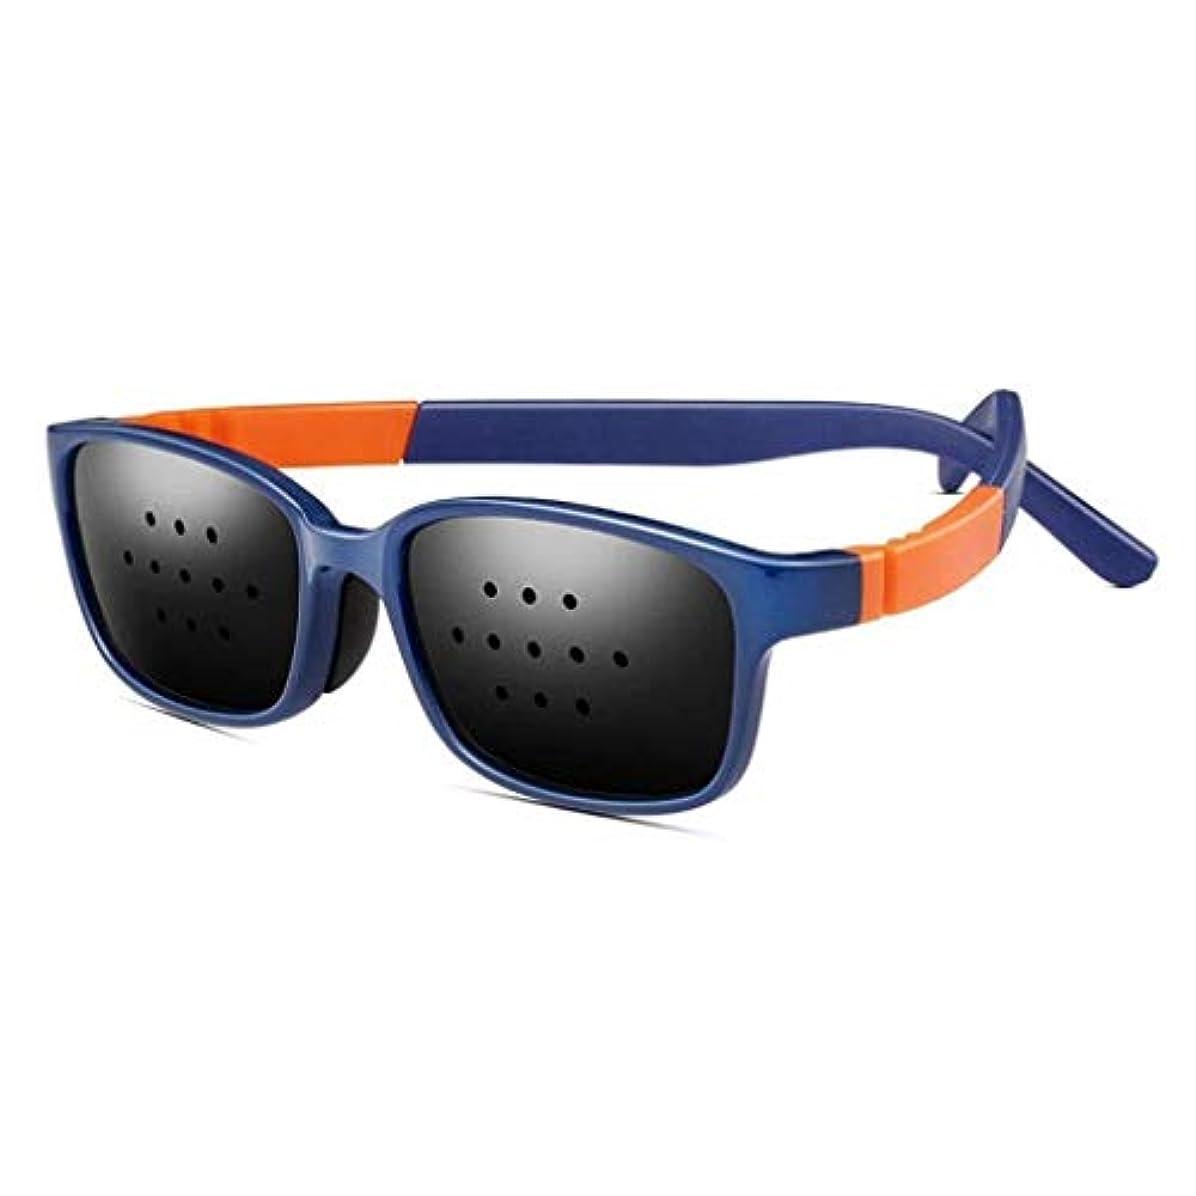 隣接する然とした知っているに立ち寄るピンホールメガネ、視力矯正メガネ網状視力保護メガネ耐疲労性メガネ近視の防止メガネの改善 (Color : 青)